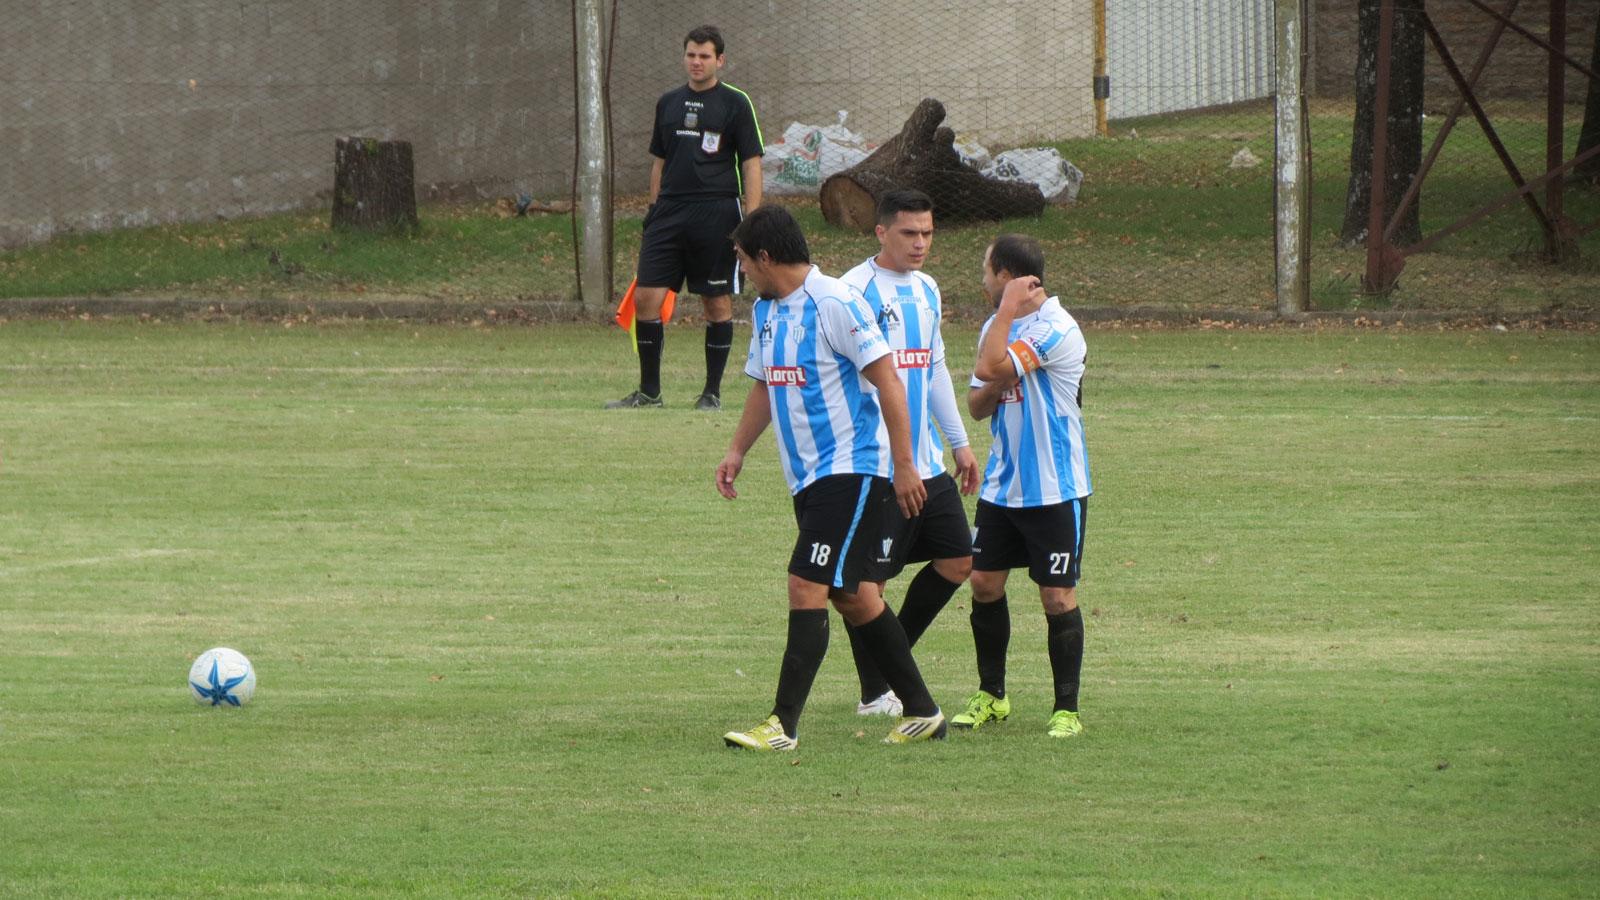 Argentino va por un milagro. Debe revertir un 0-5 en su cancha.